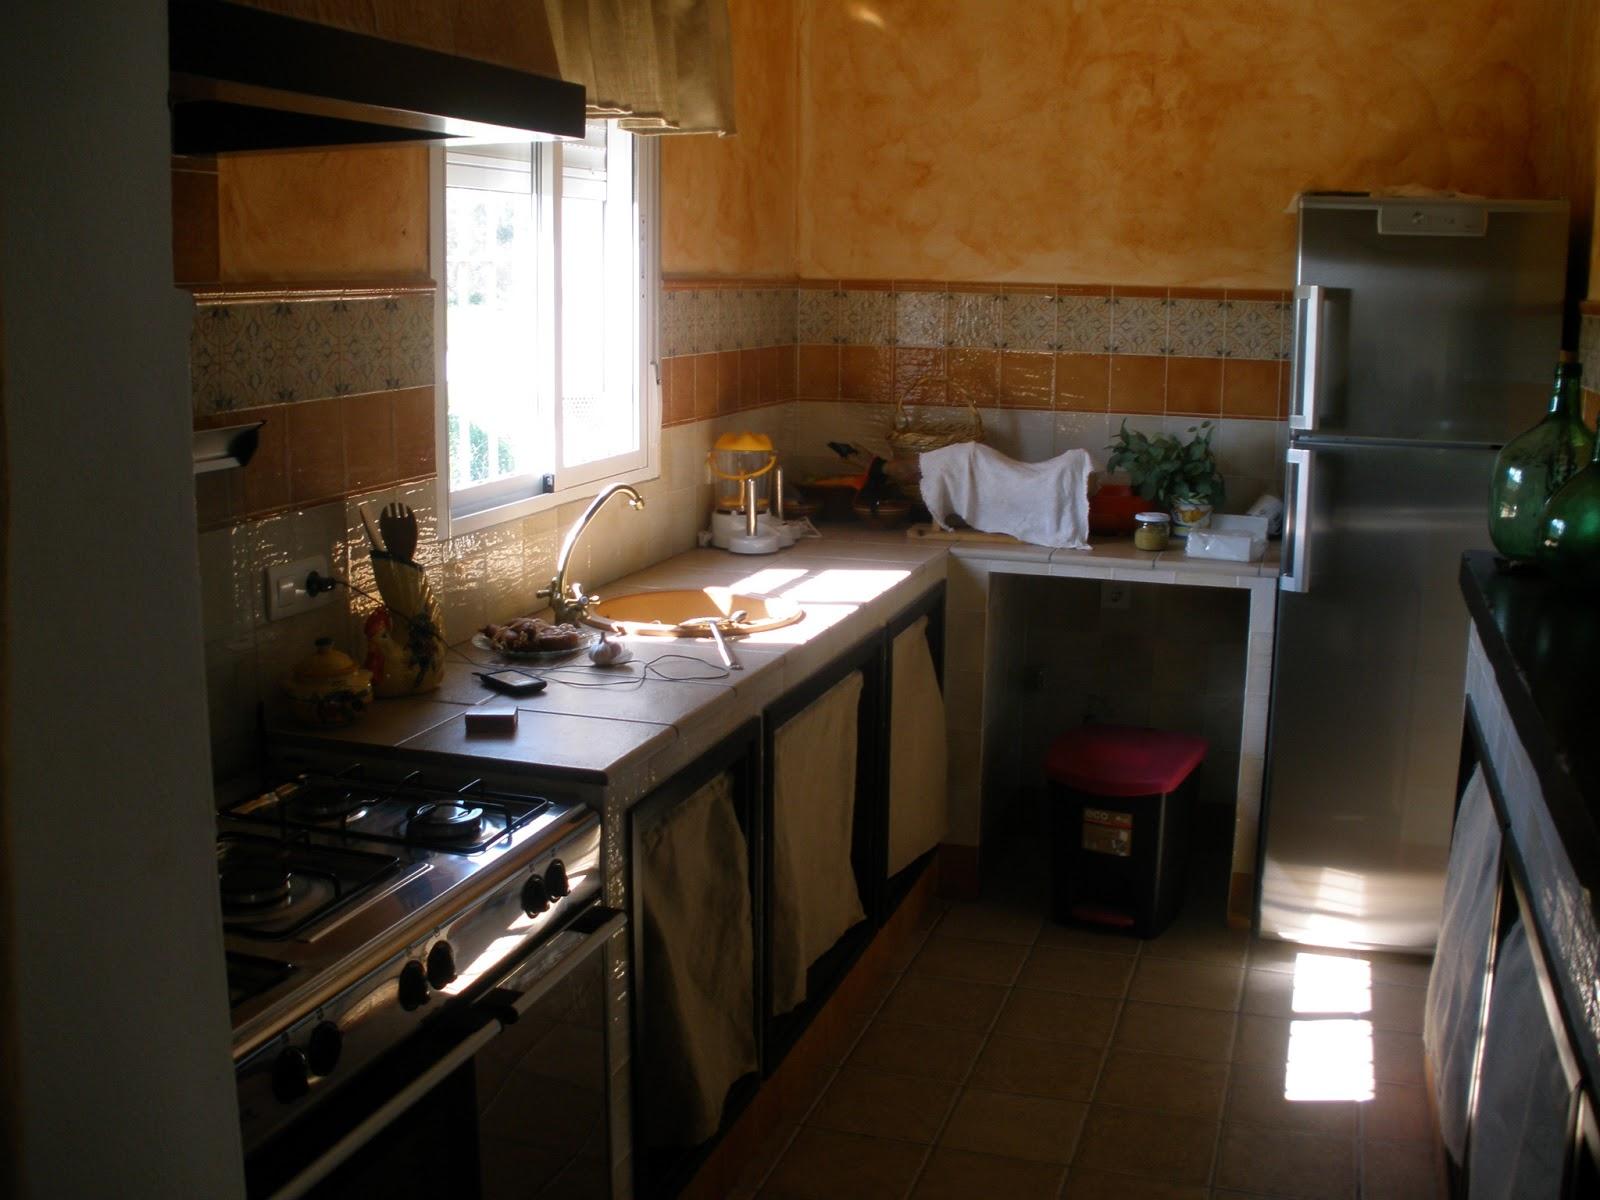 Construcciones rudi cocina rustica de casa de campo for Cocinas de mamposteria